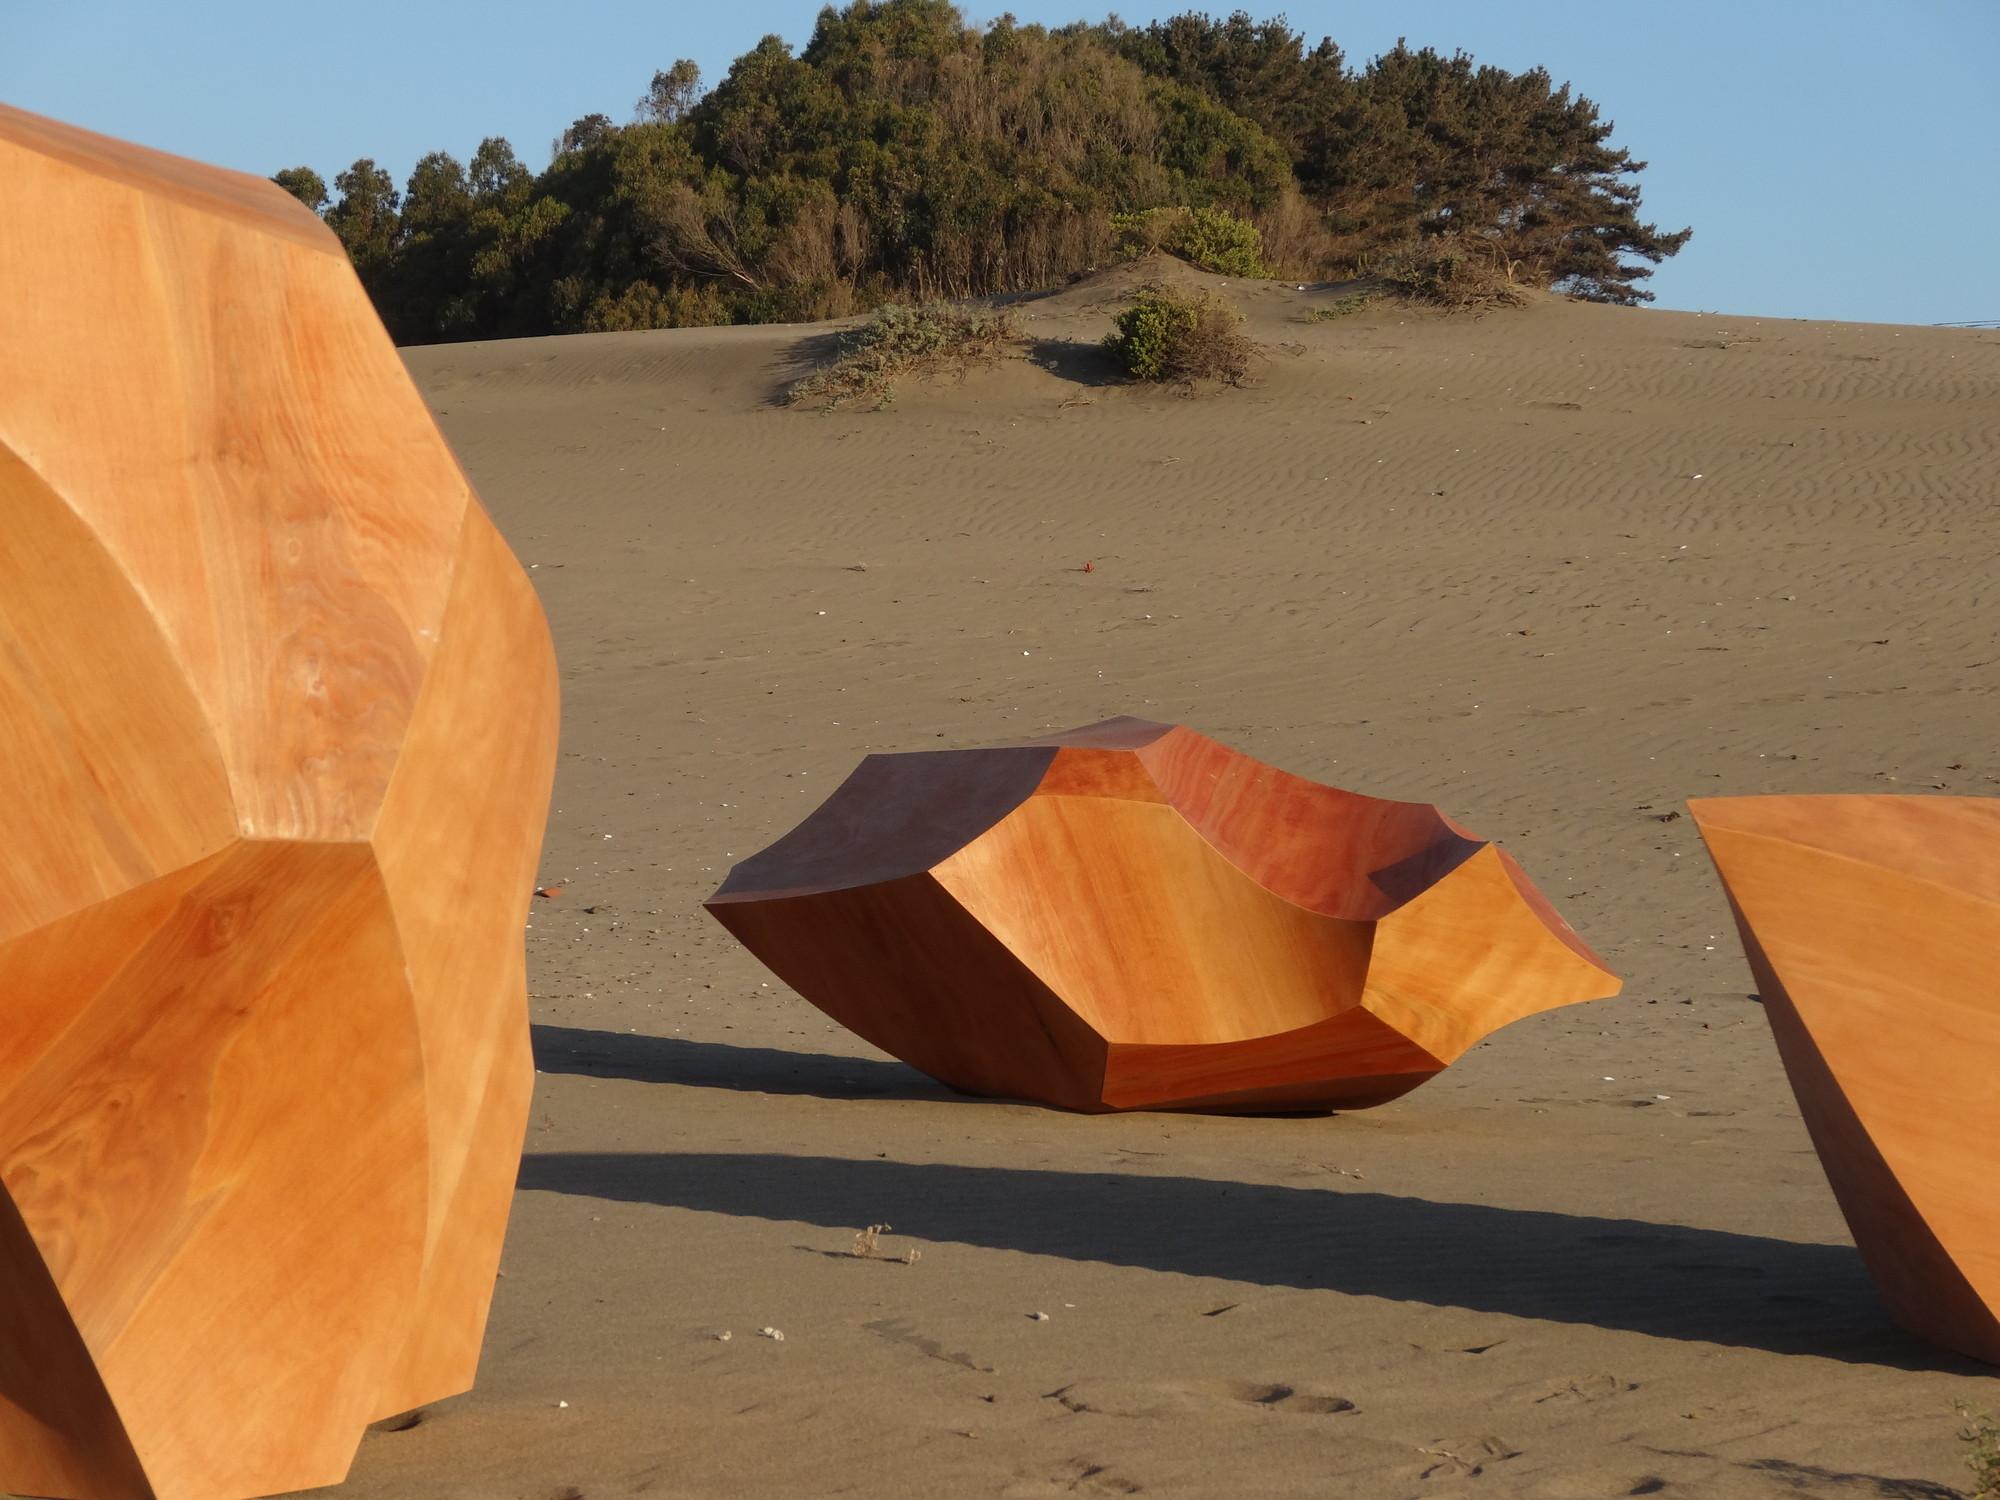 Palos y Rocas, esculturas de madera por el artista Patrick Steeger, Cortesia de Galeria Patricia Ready